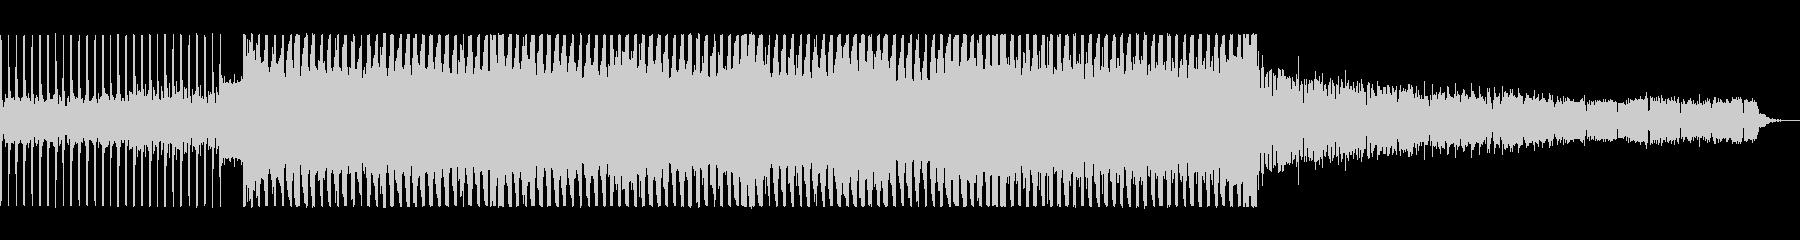 レトロなユーロ系ディスコ・リバイバルの未再生の波形